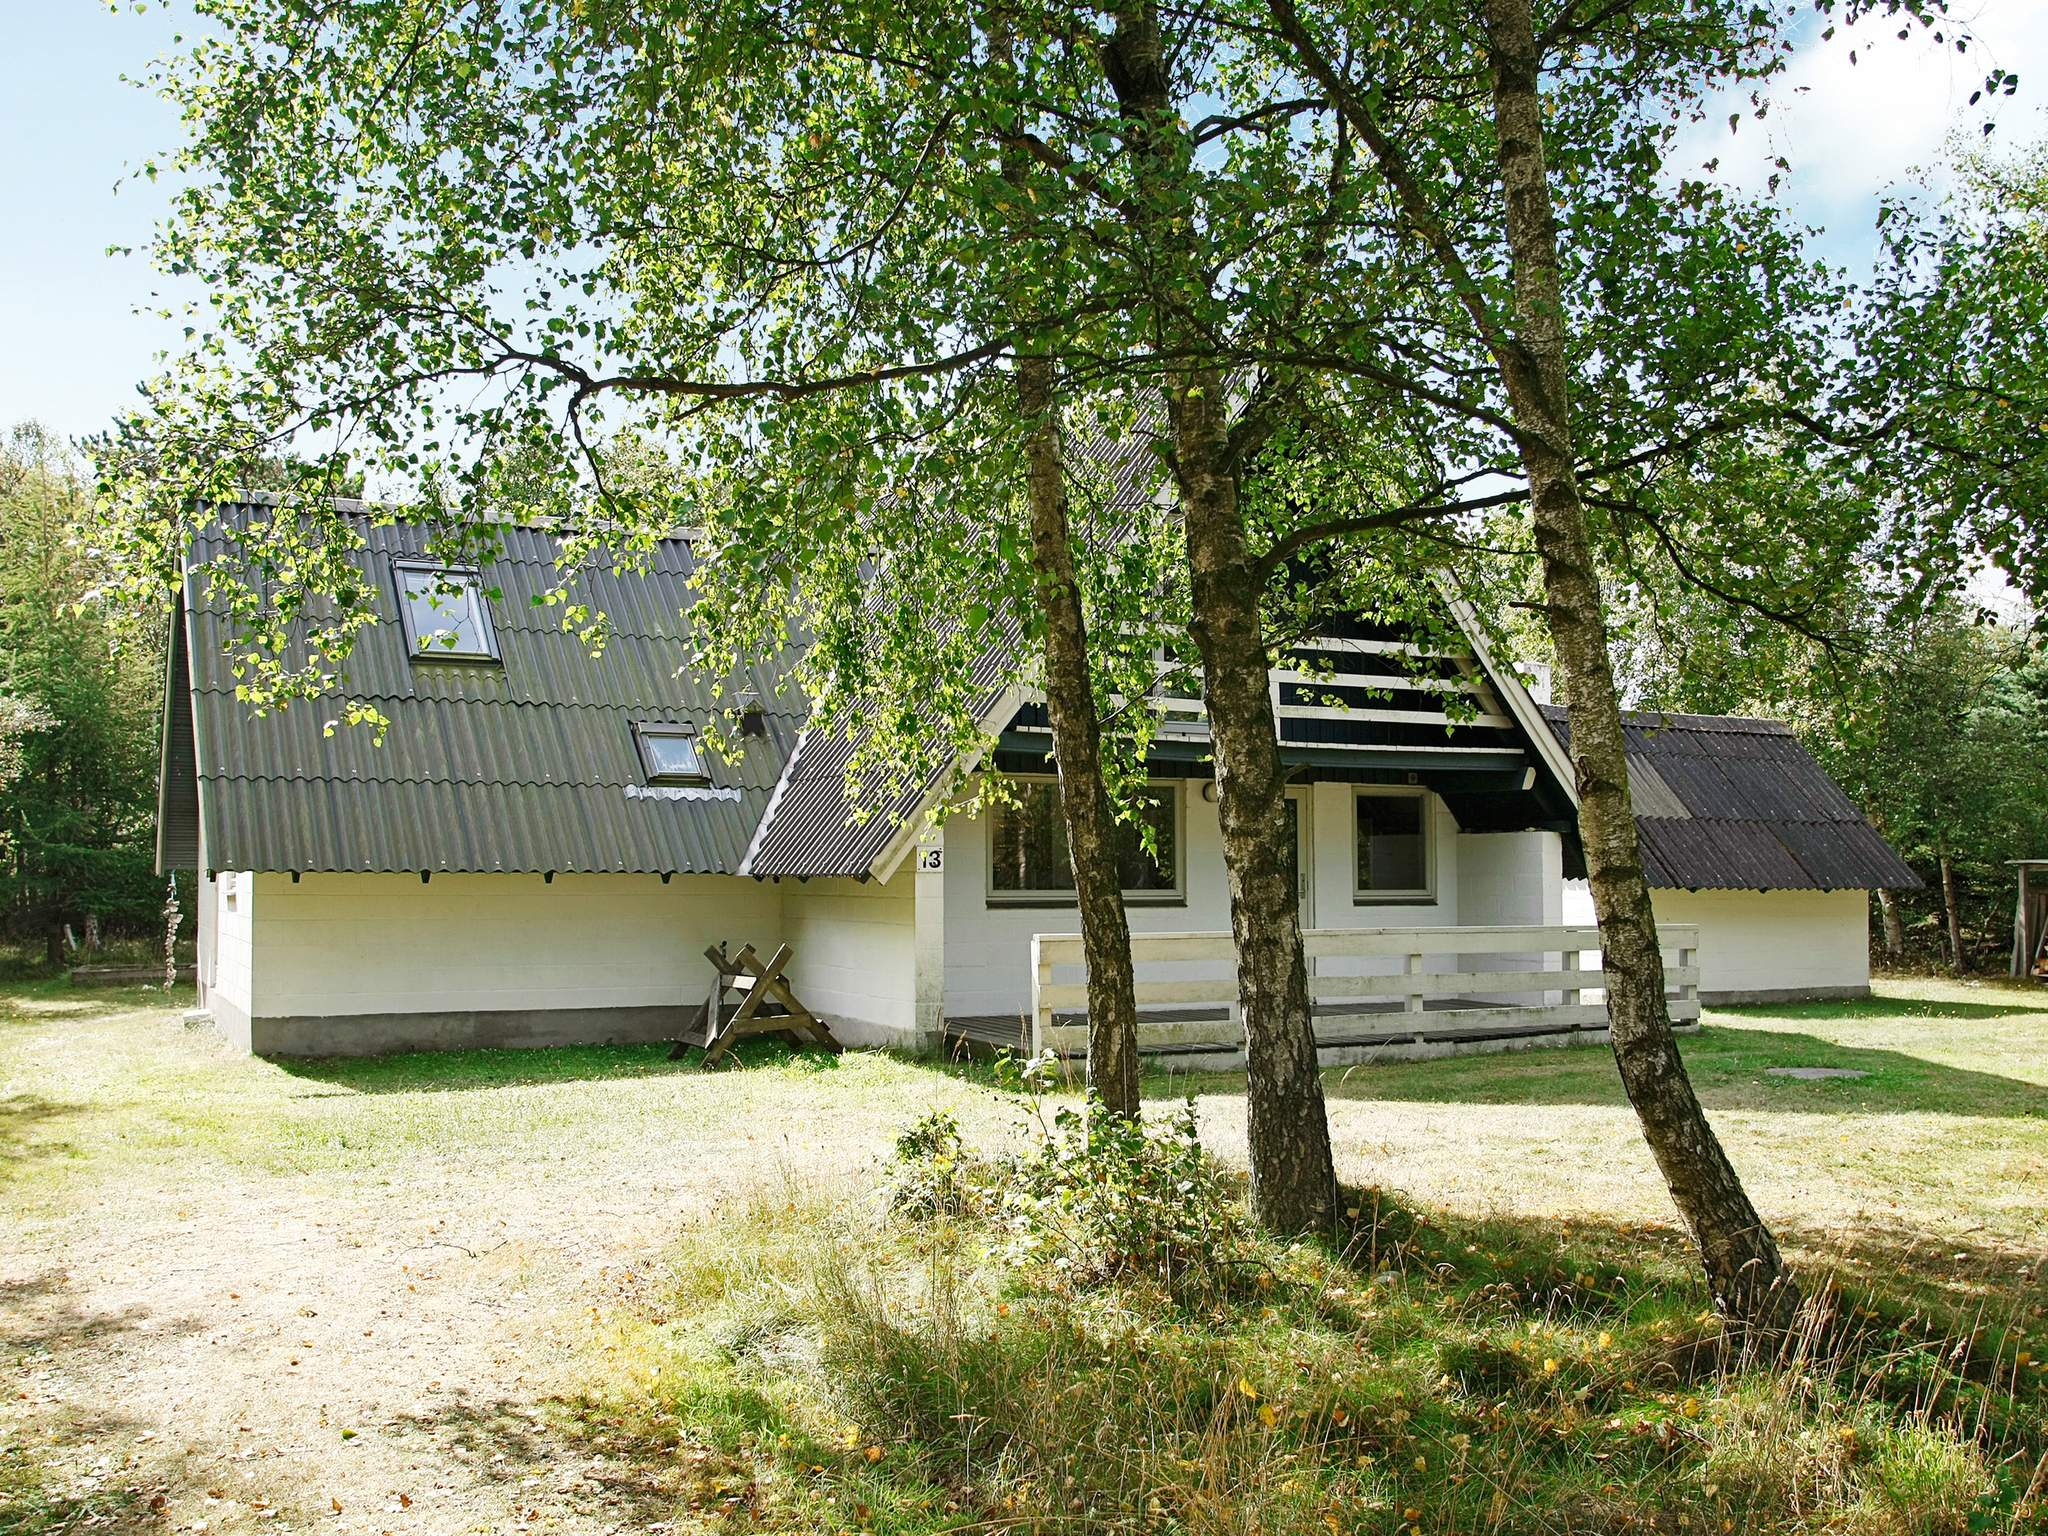 Ferienhaus Fur (83067), Fur, , Limfjord, Dänemark, Bild 13